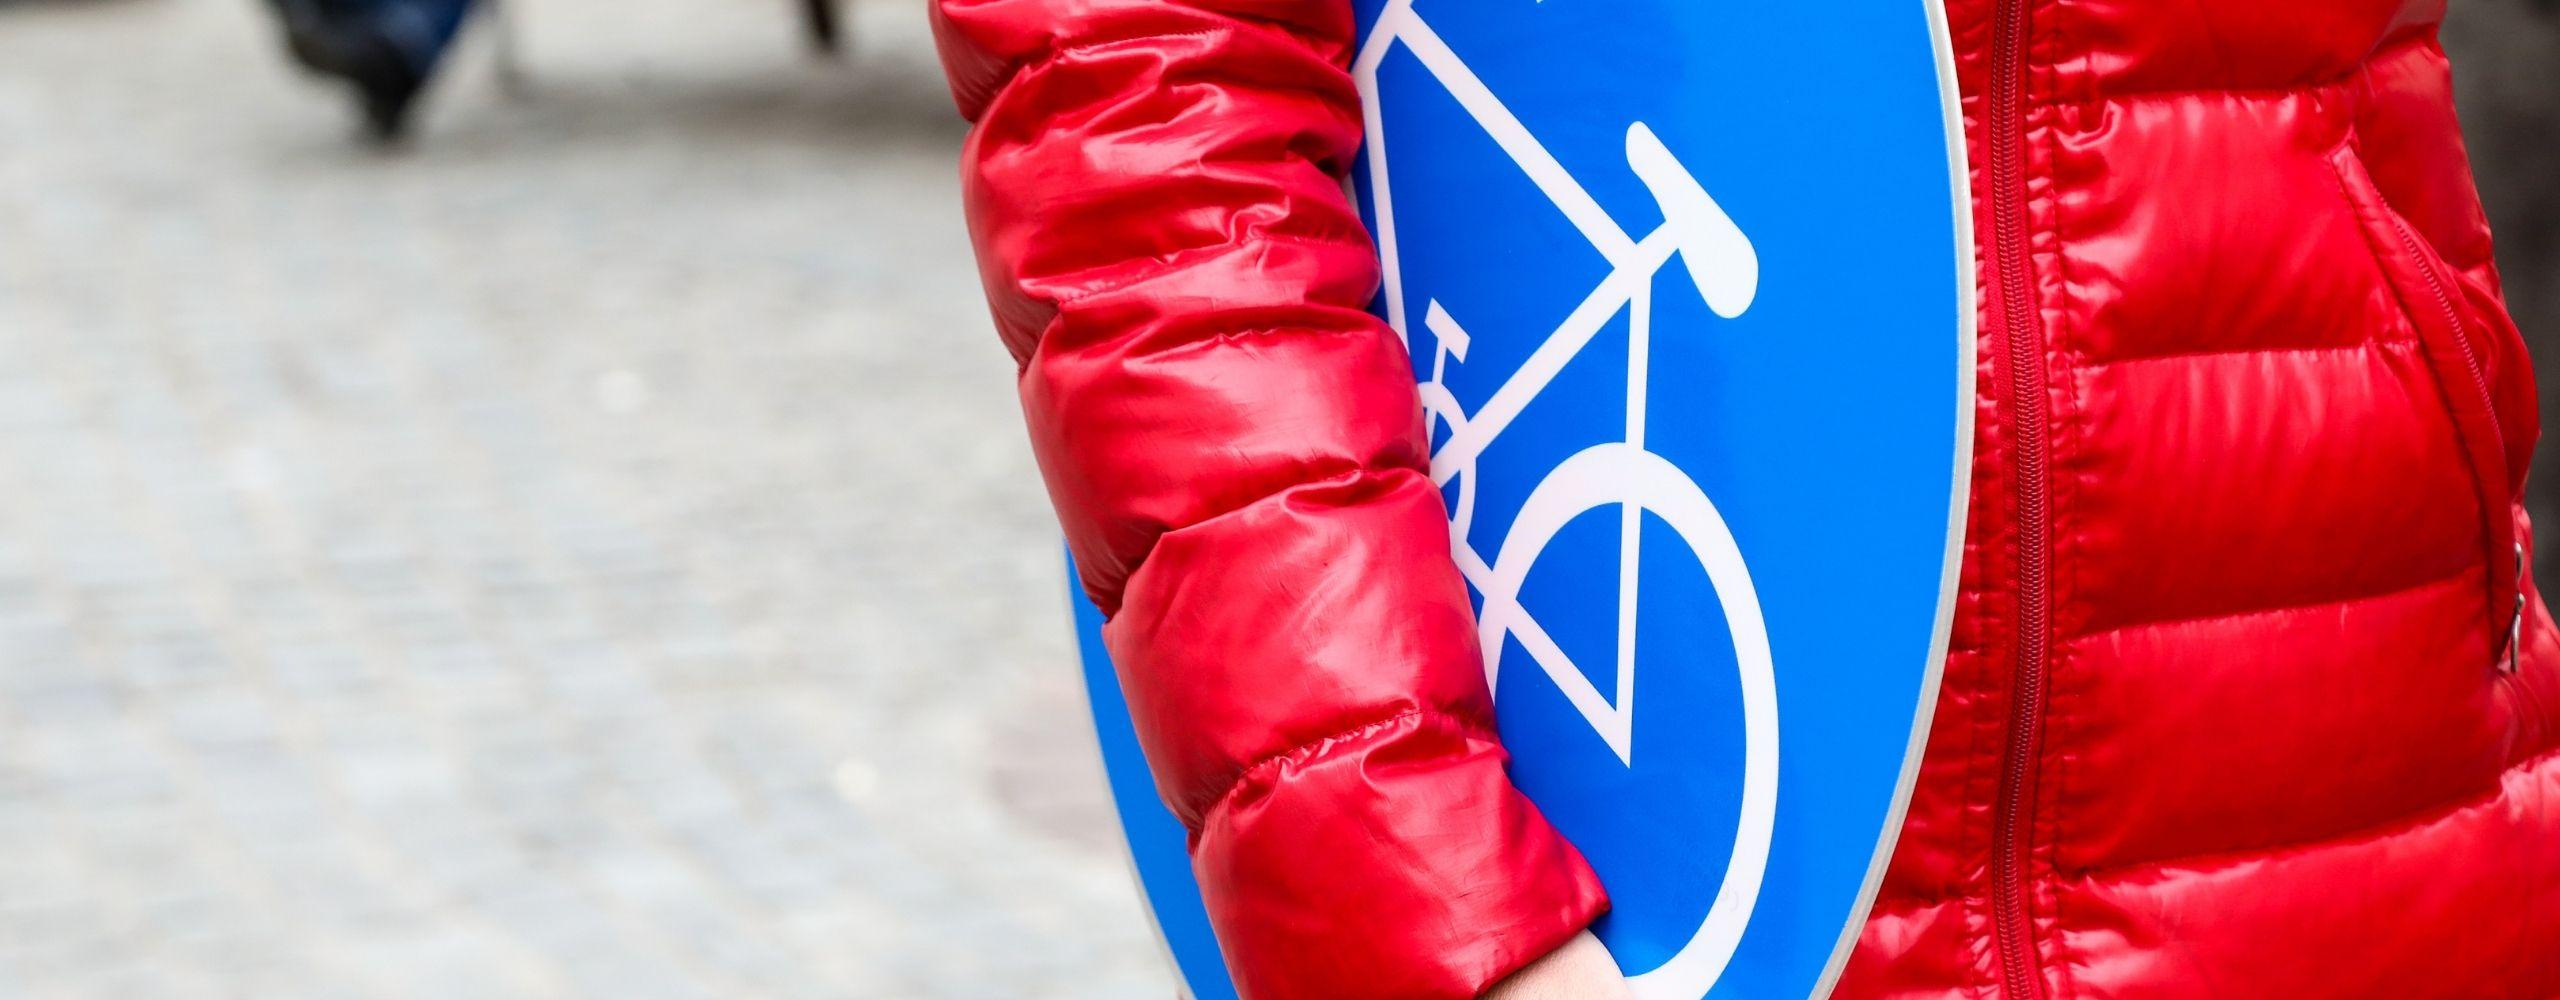 Frau hält Radwegschild, © PID/Christian Fürthner